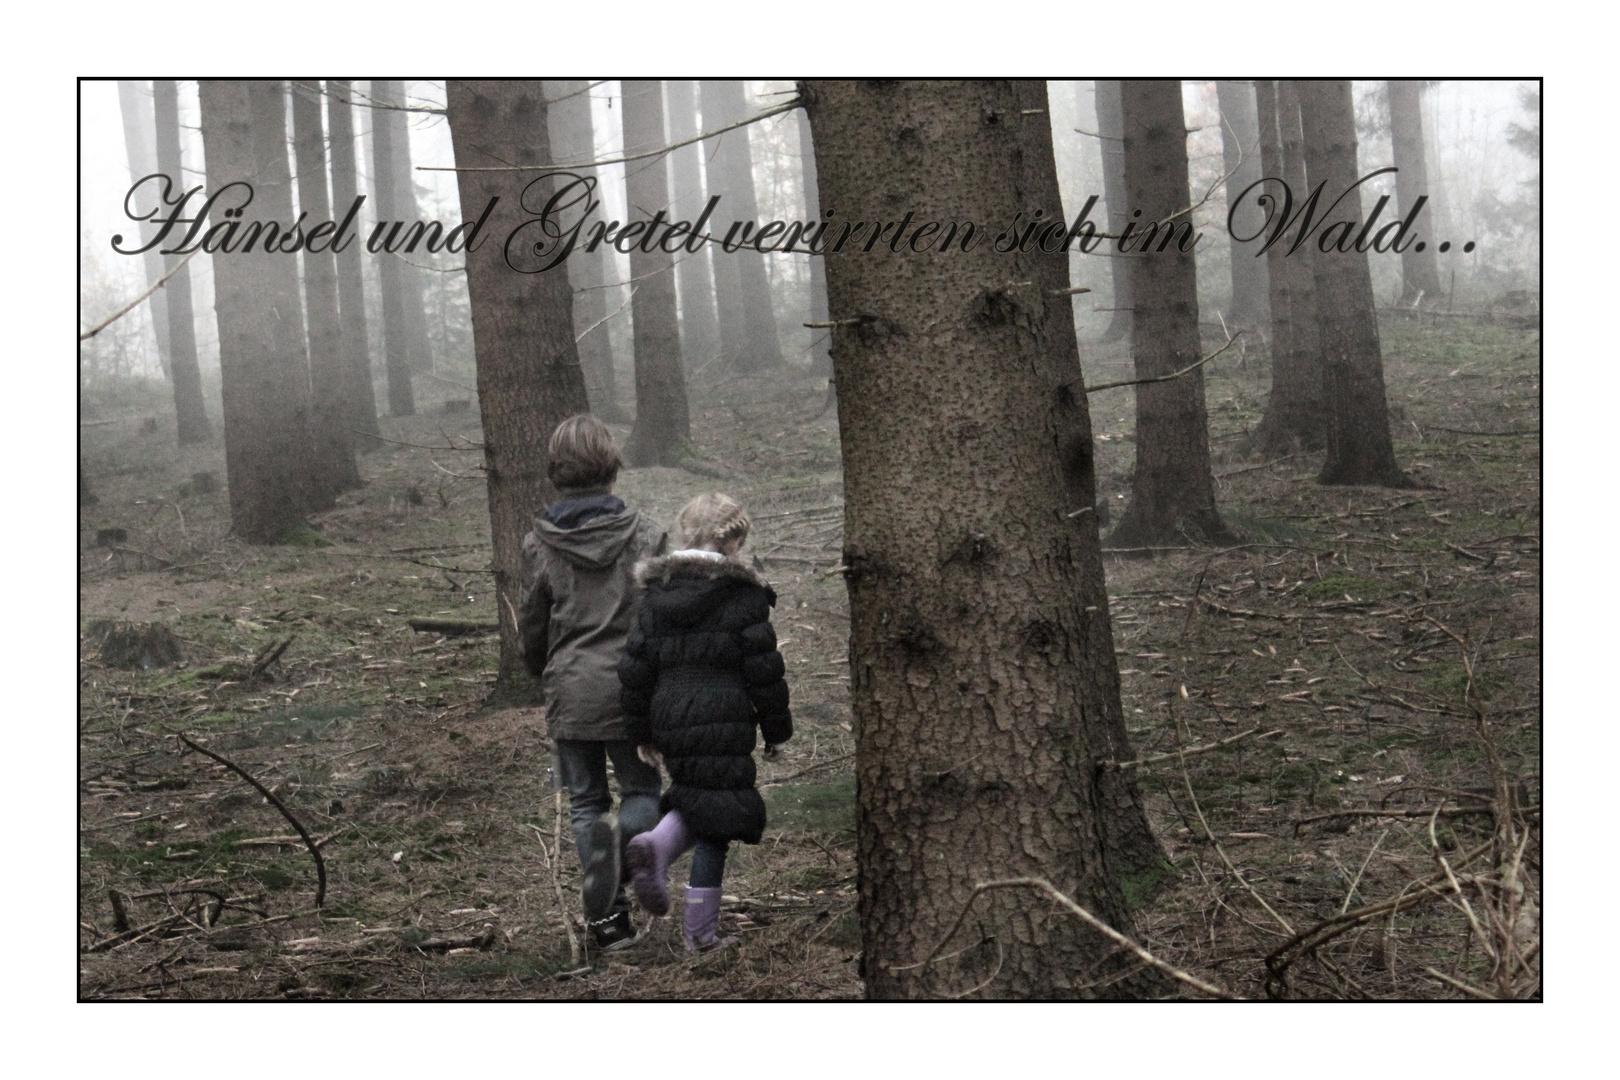 Hänsel und Gretel verirrten sich im Wald...